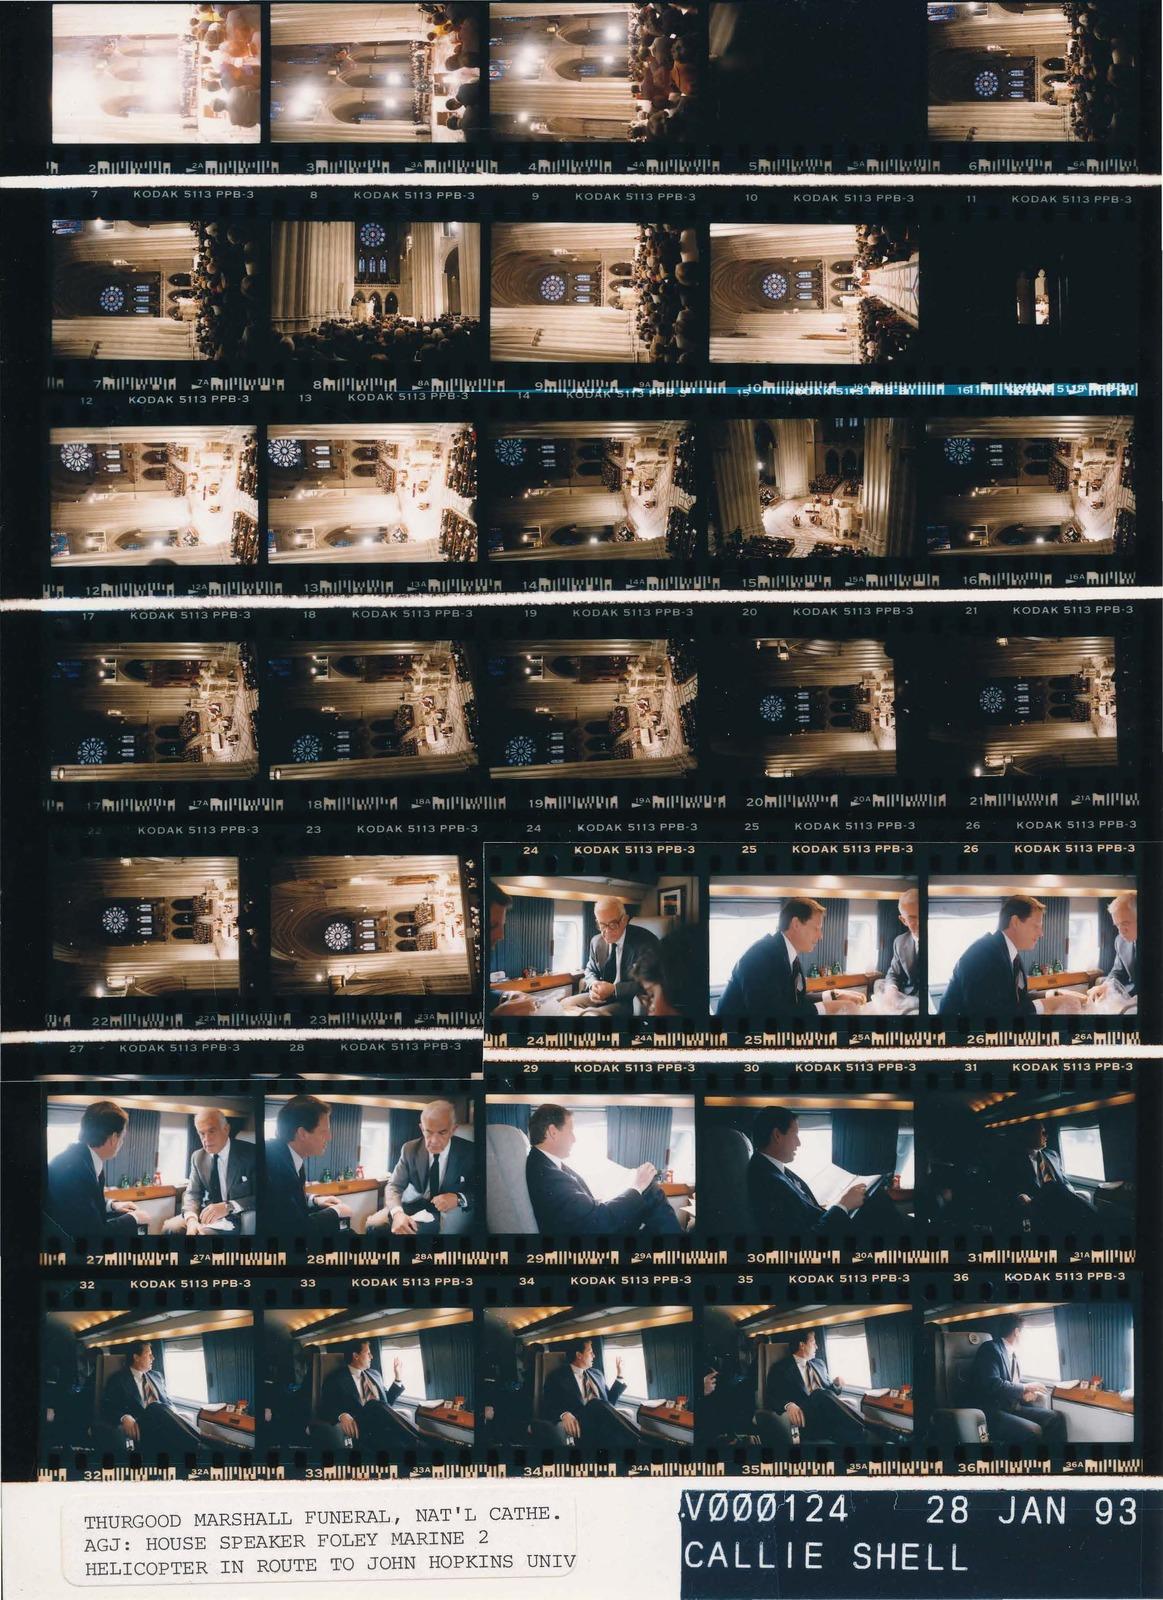 V000124, January 28, 1993